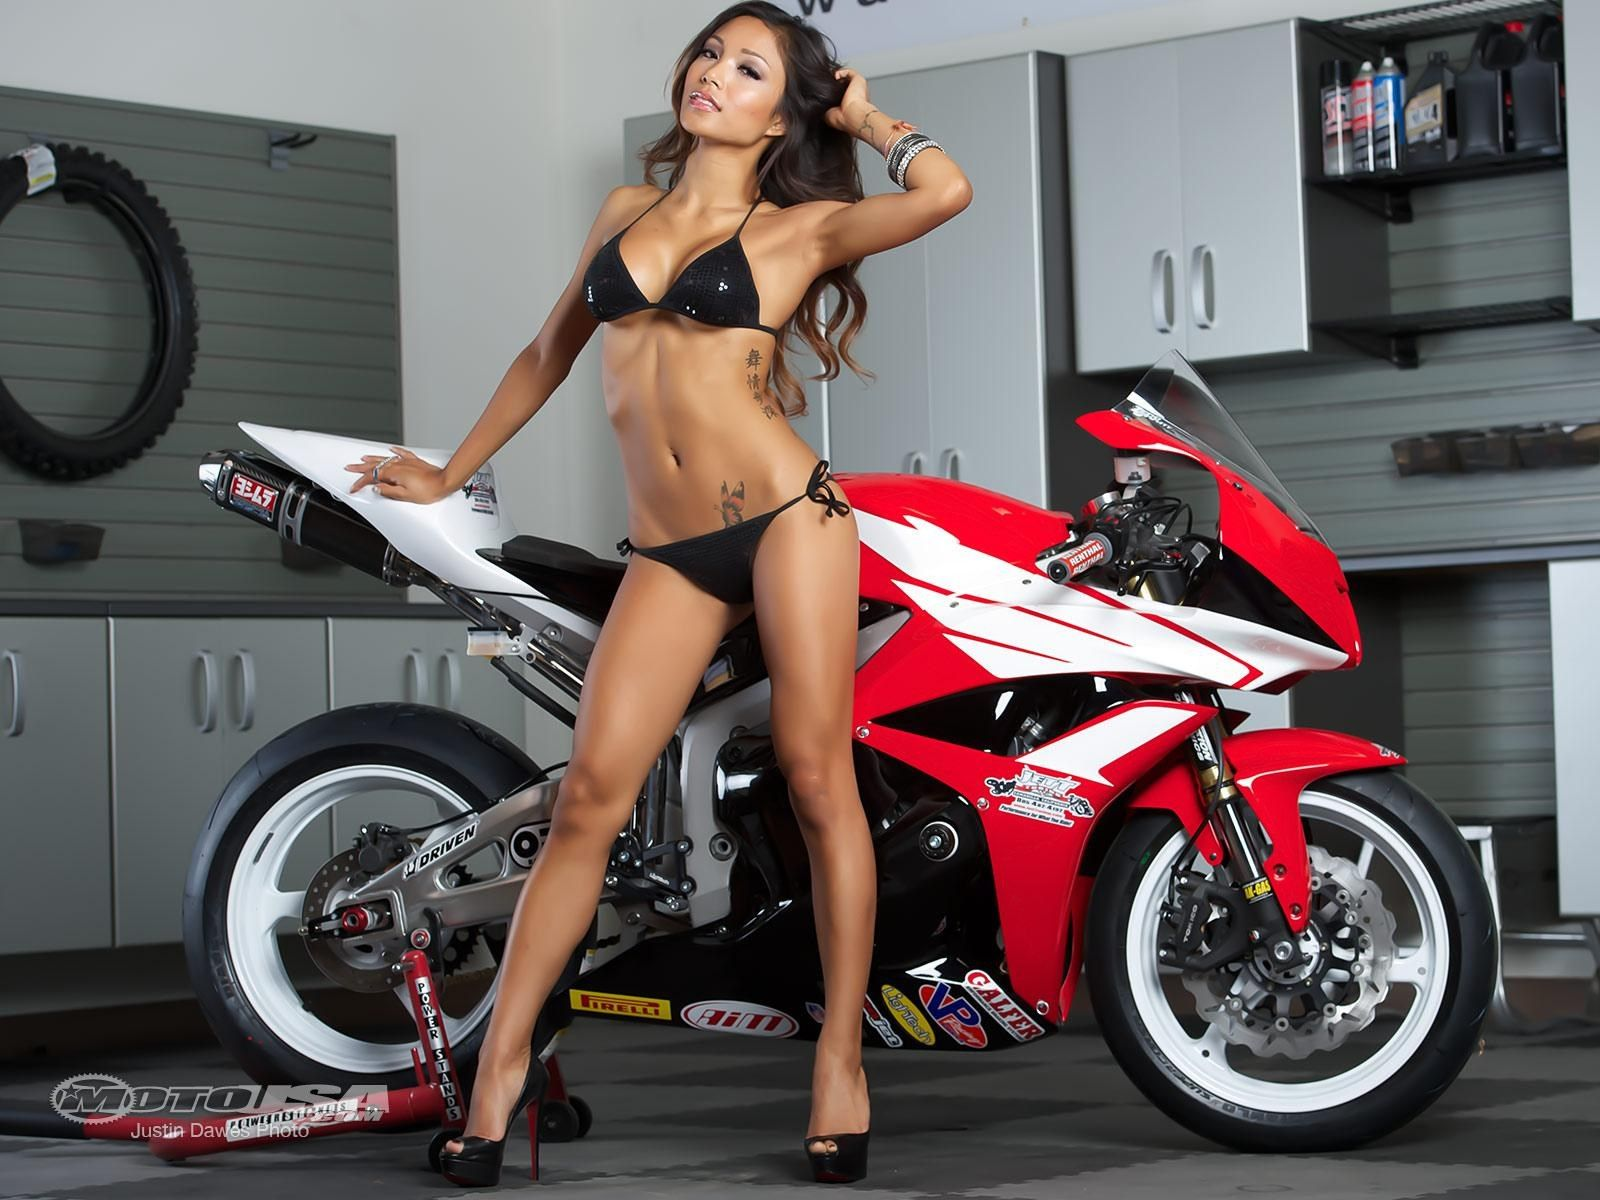 Garotas Motores De Anúncios-7047